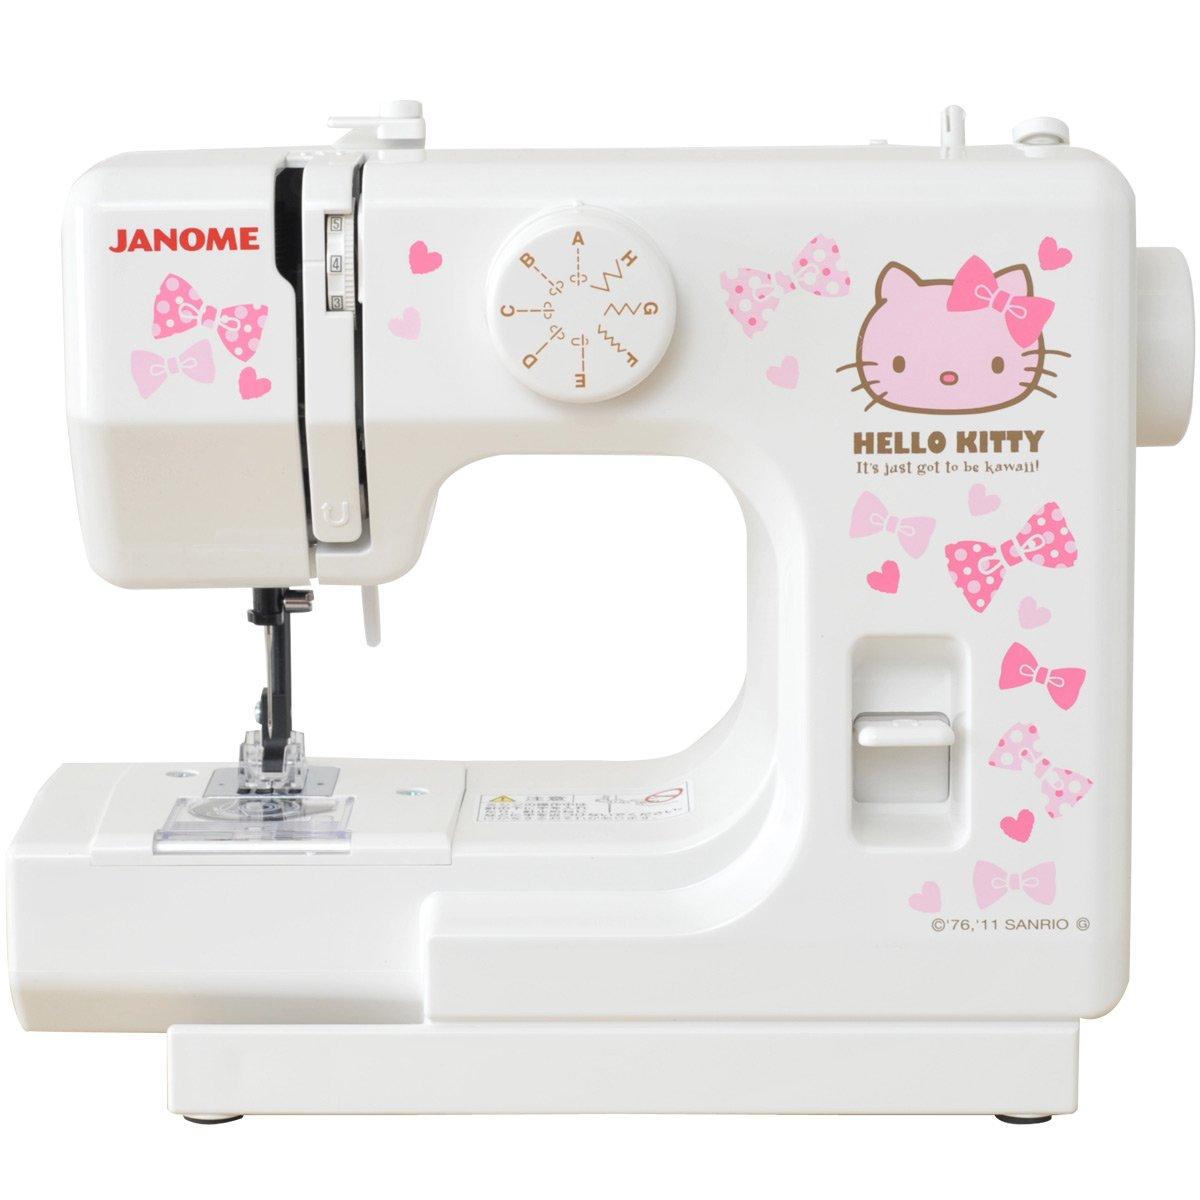 Janome Hello Kitty compact sewing machine white KT-W JANOME (Janome)